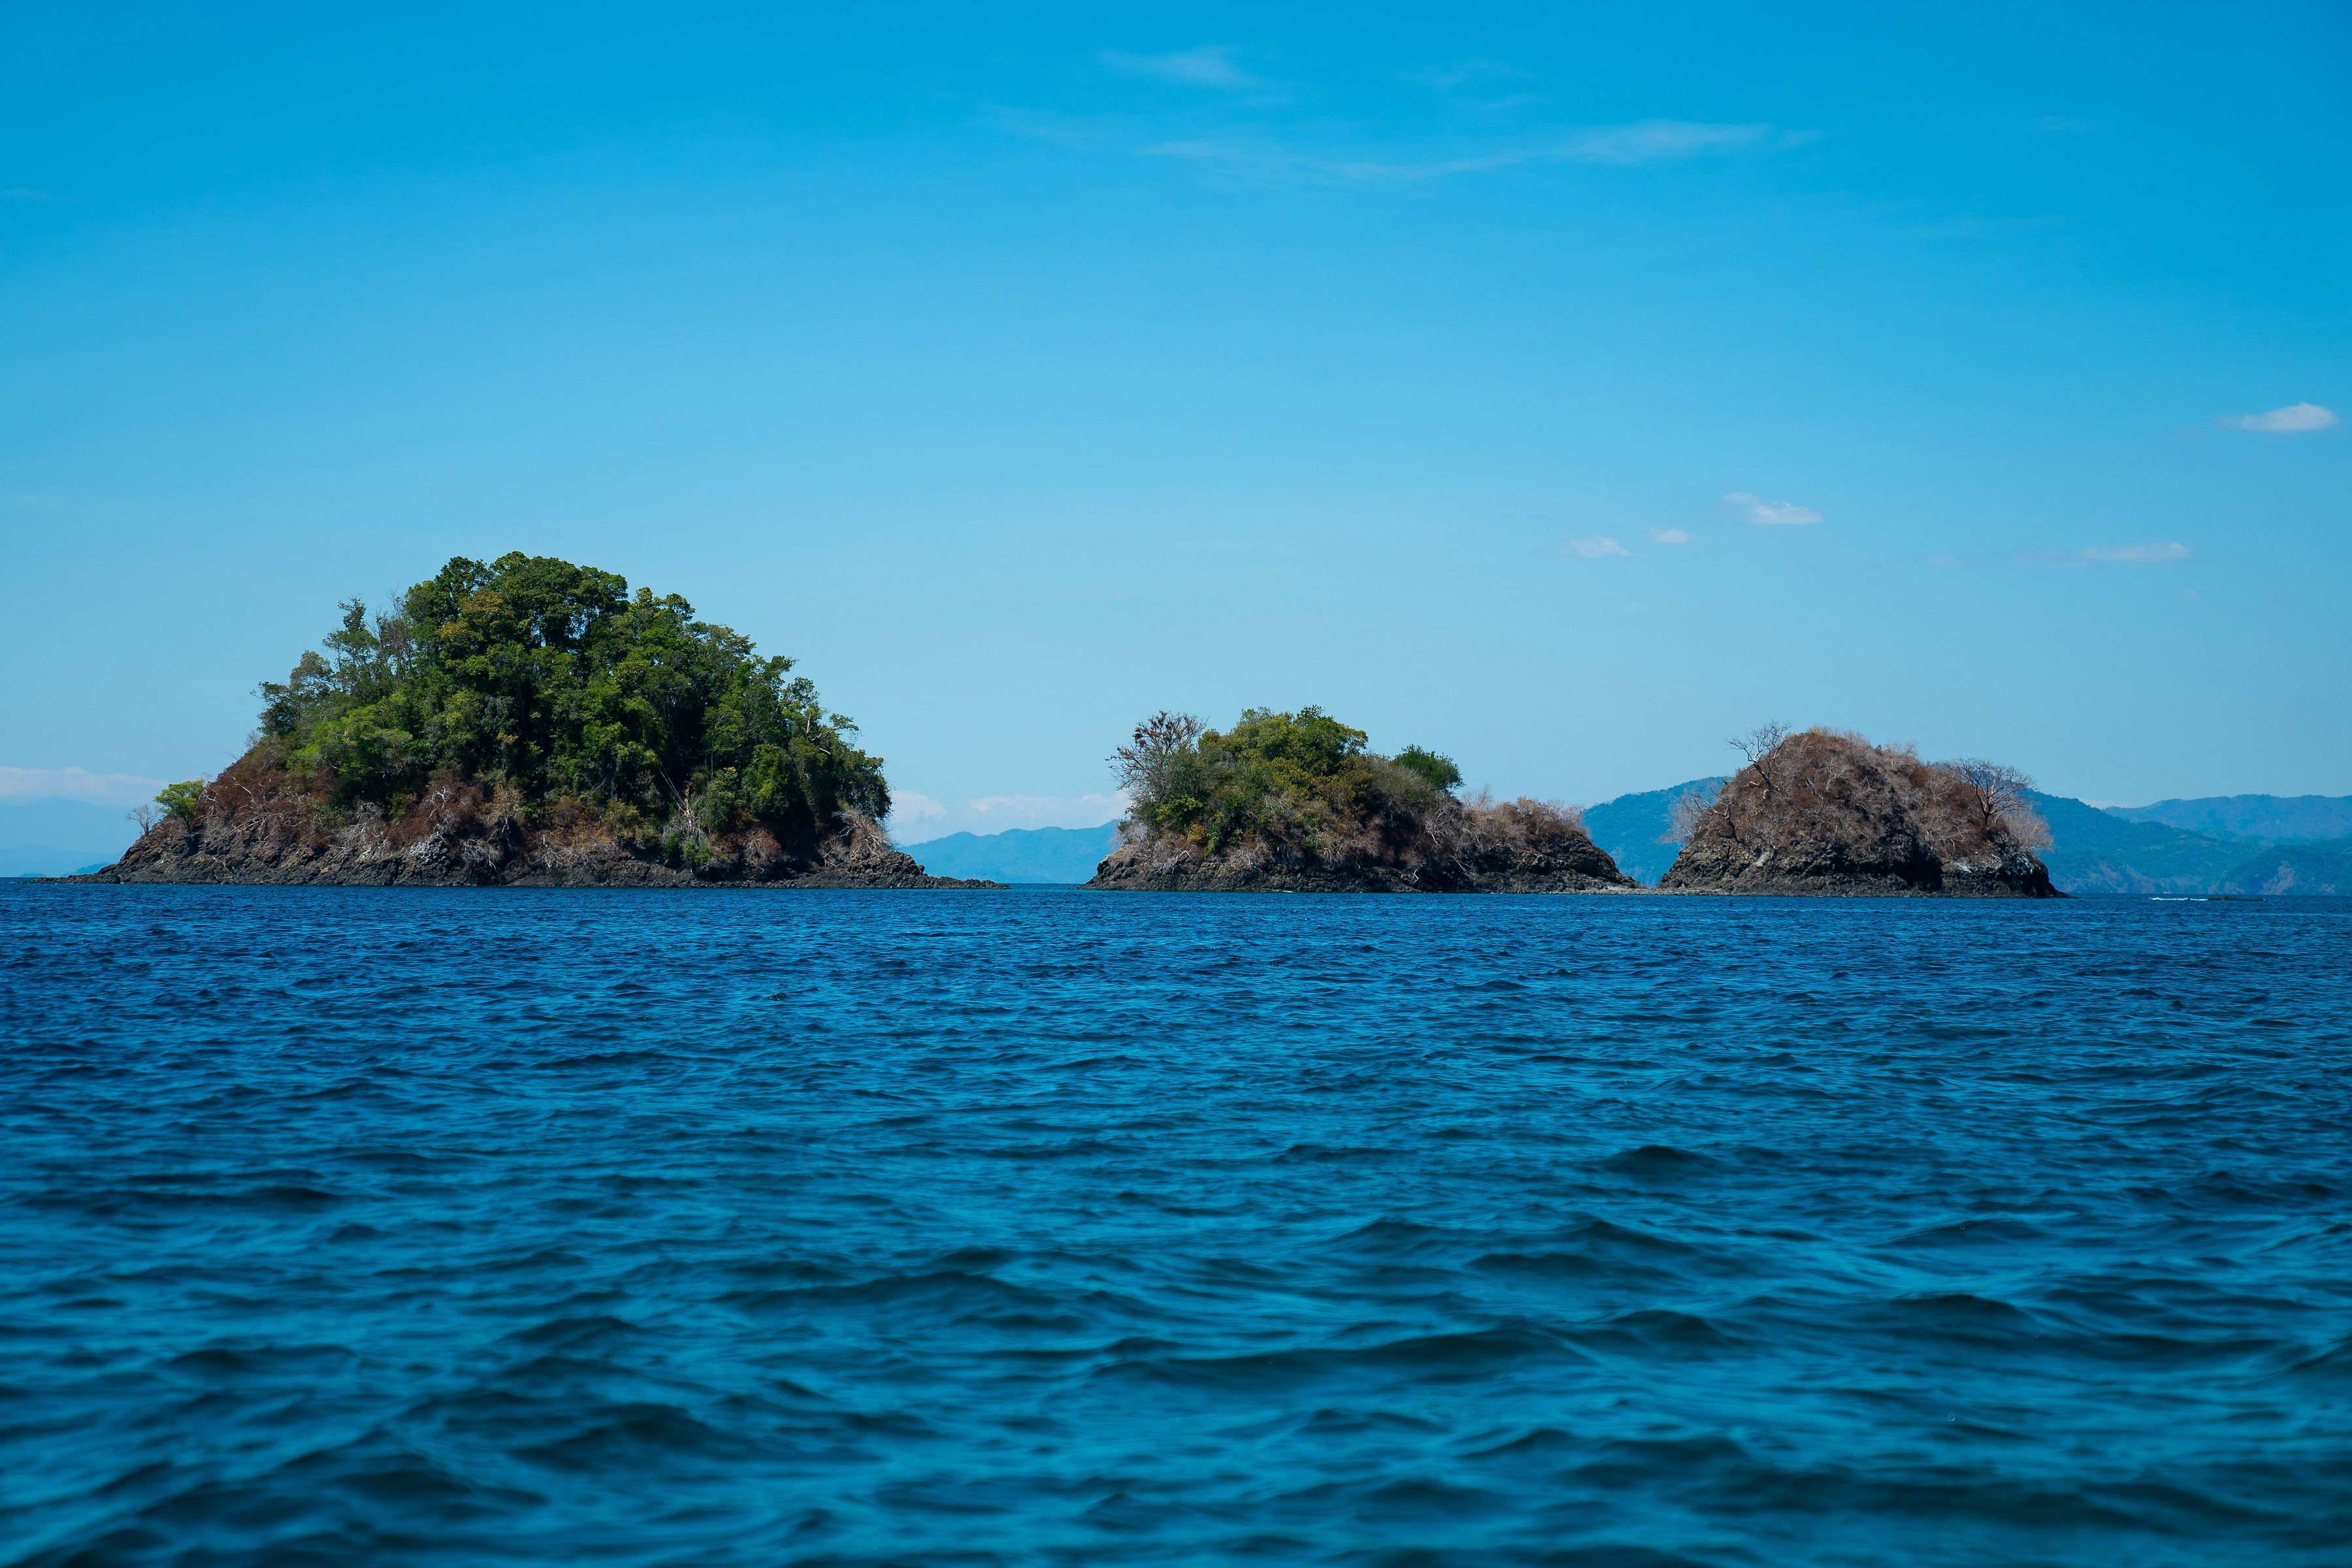 grupo de islas de camino a isla Coiba